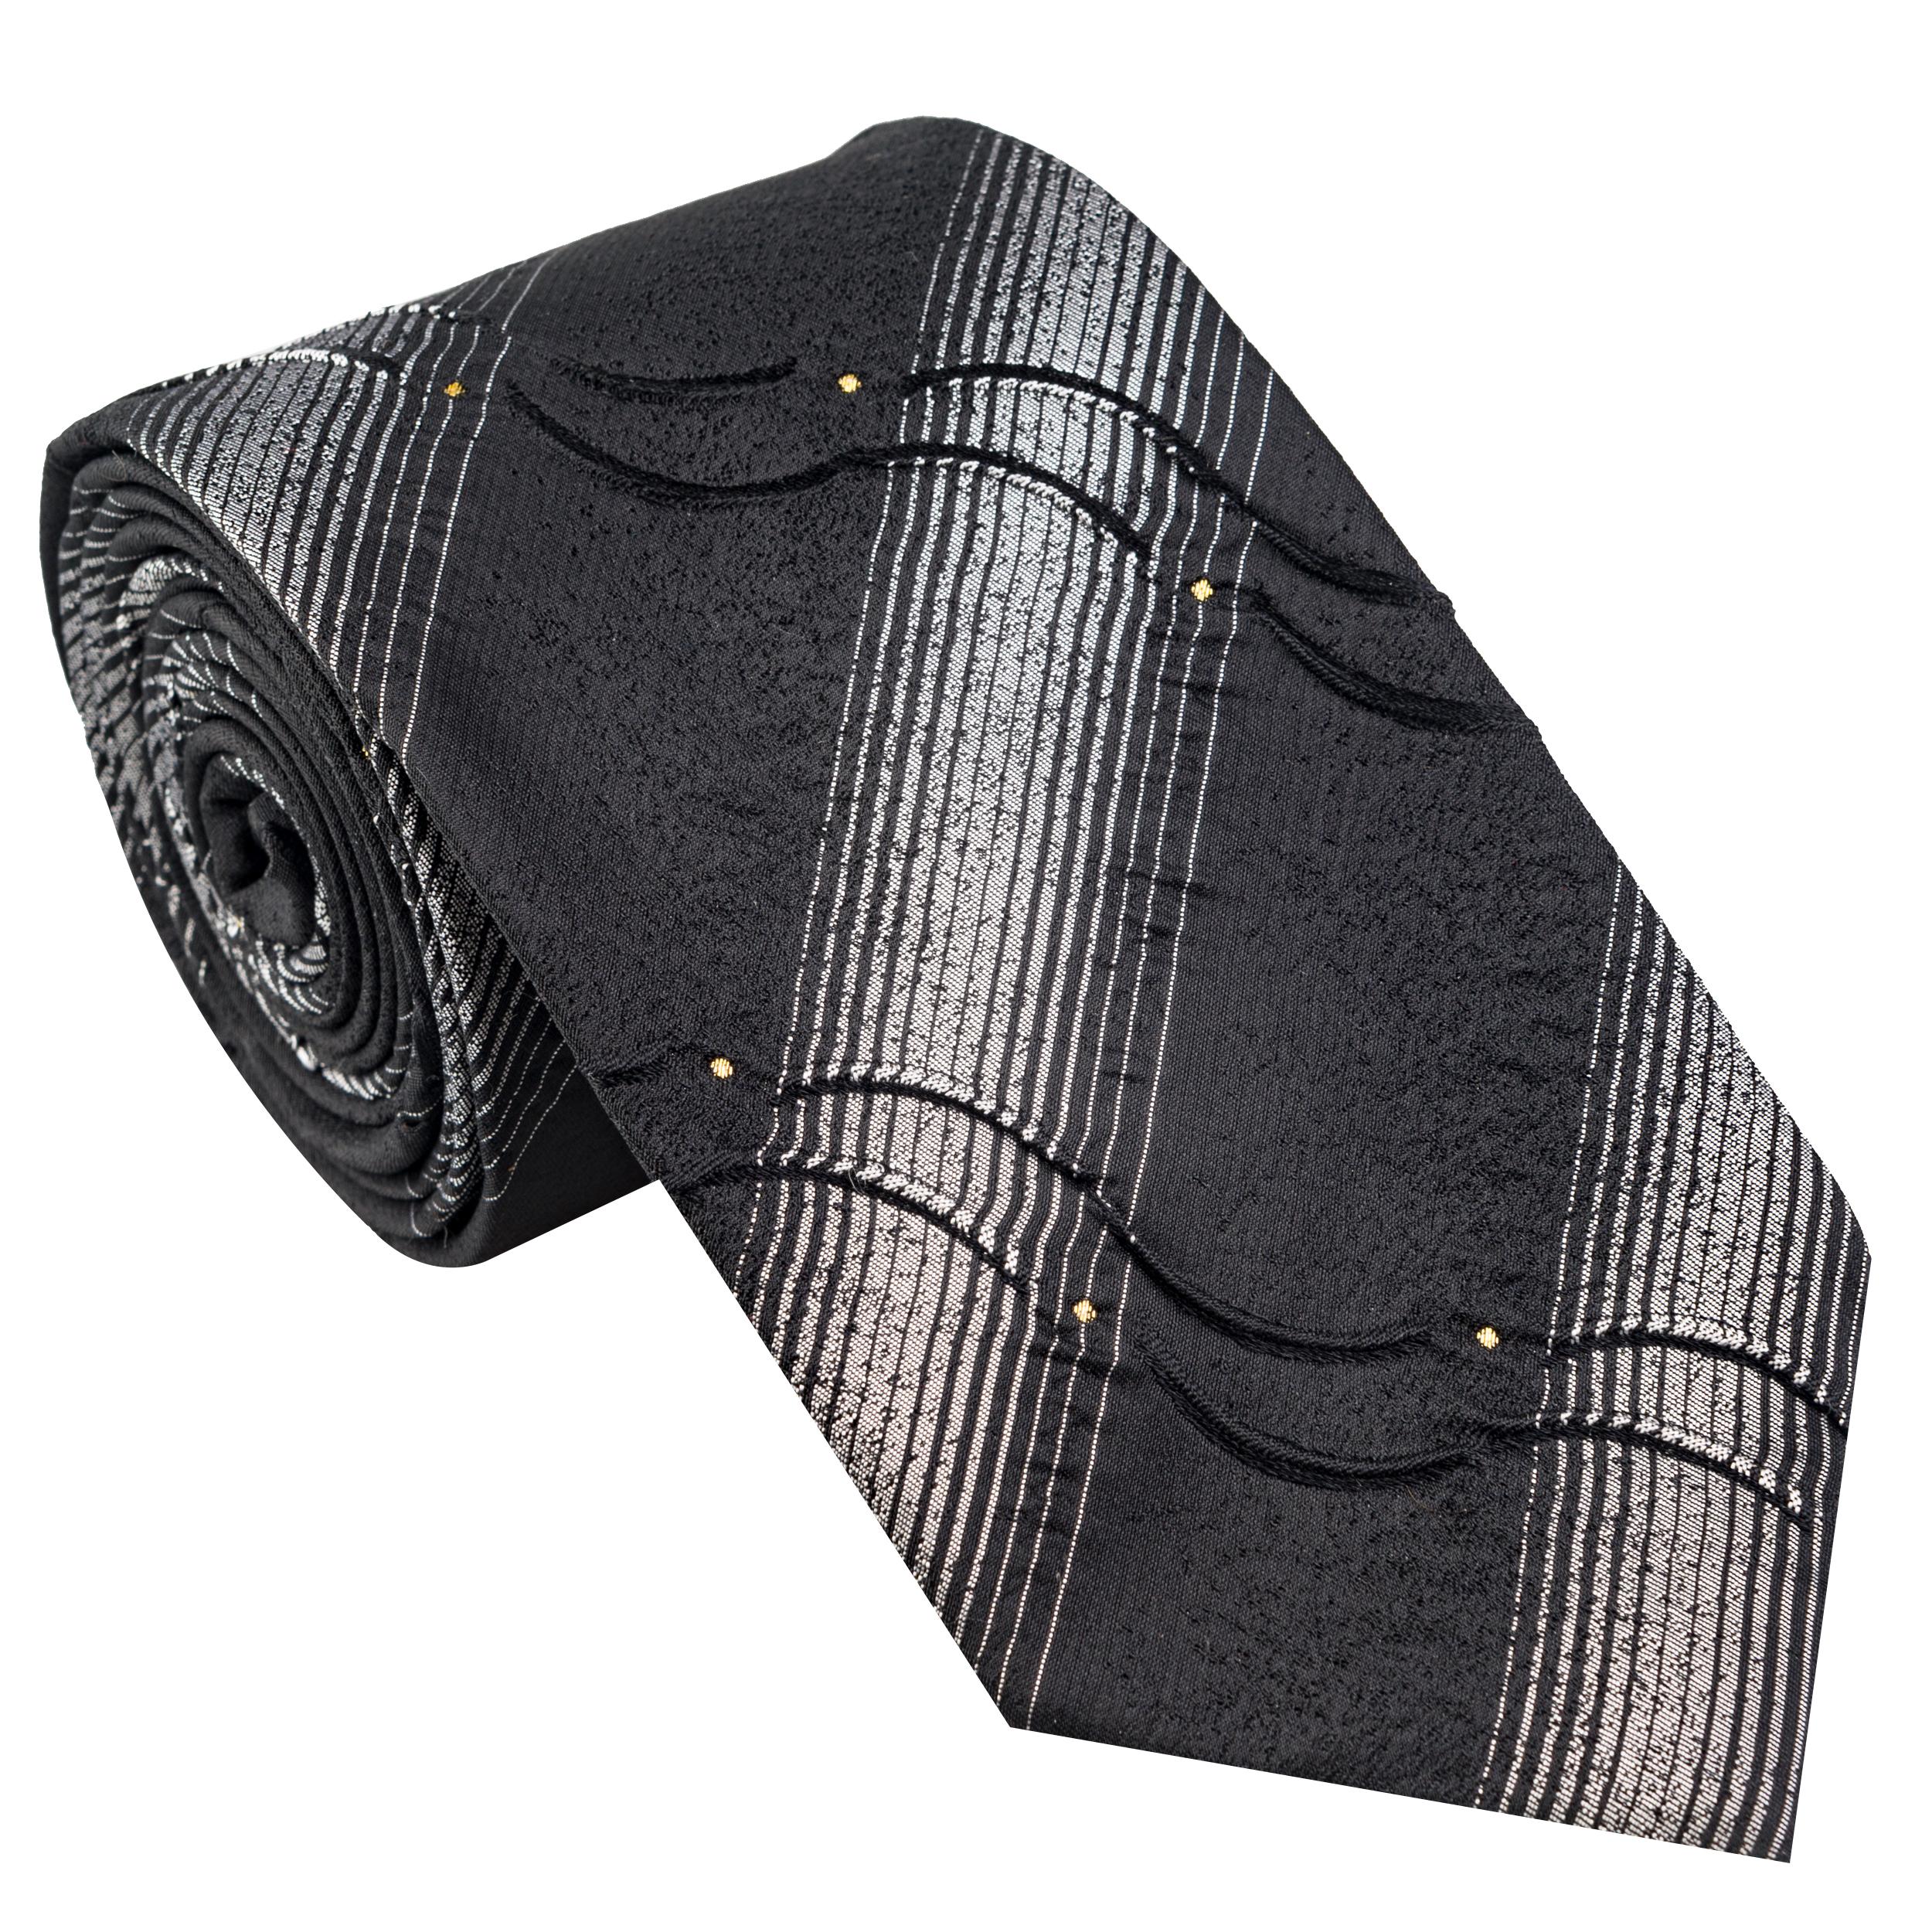 کراوات مردانه جیان فرانکو روسی مدل GF-ST534-BK